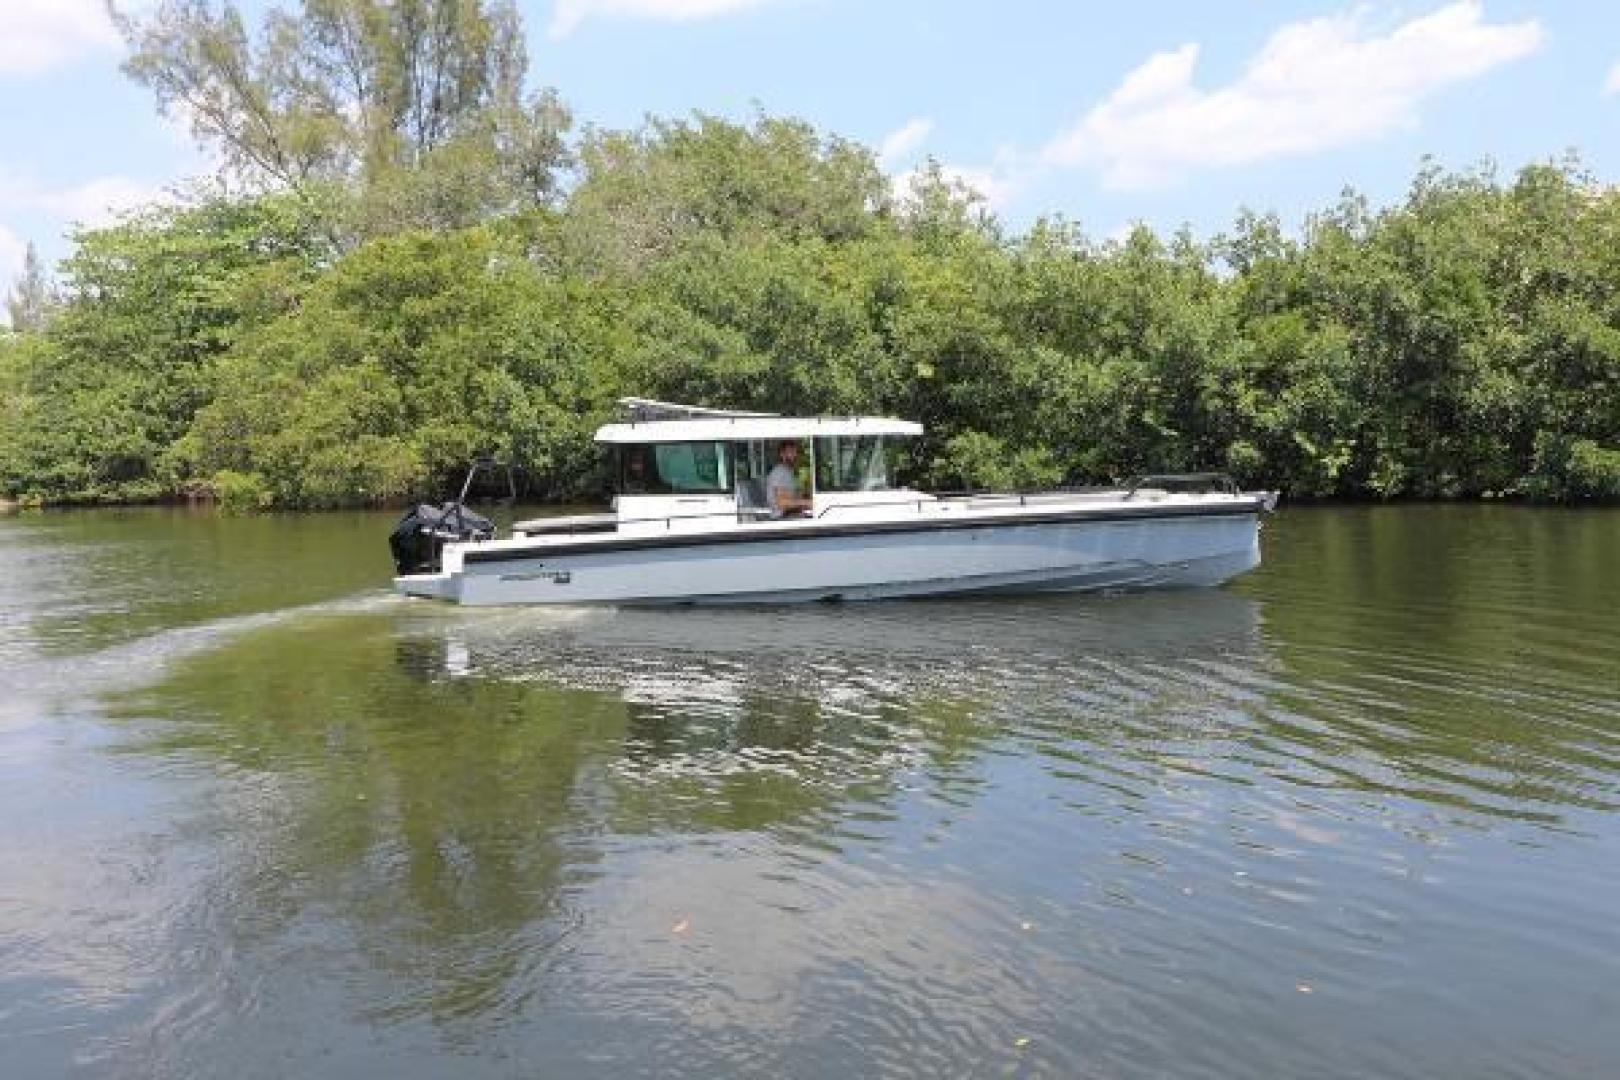 Axopar-28 CABIN 2020-Axopar 28 CABIN Palm Beach-Florida-United States-1533452 | Thumbnail